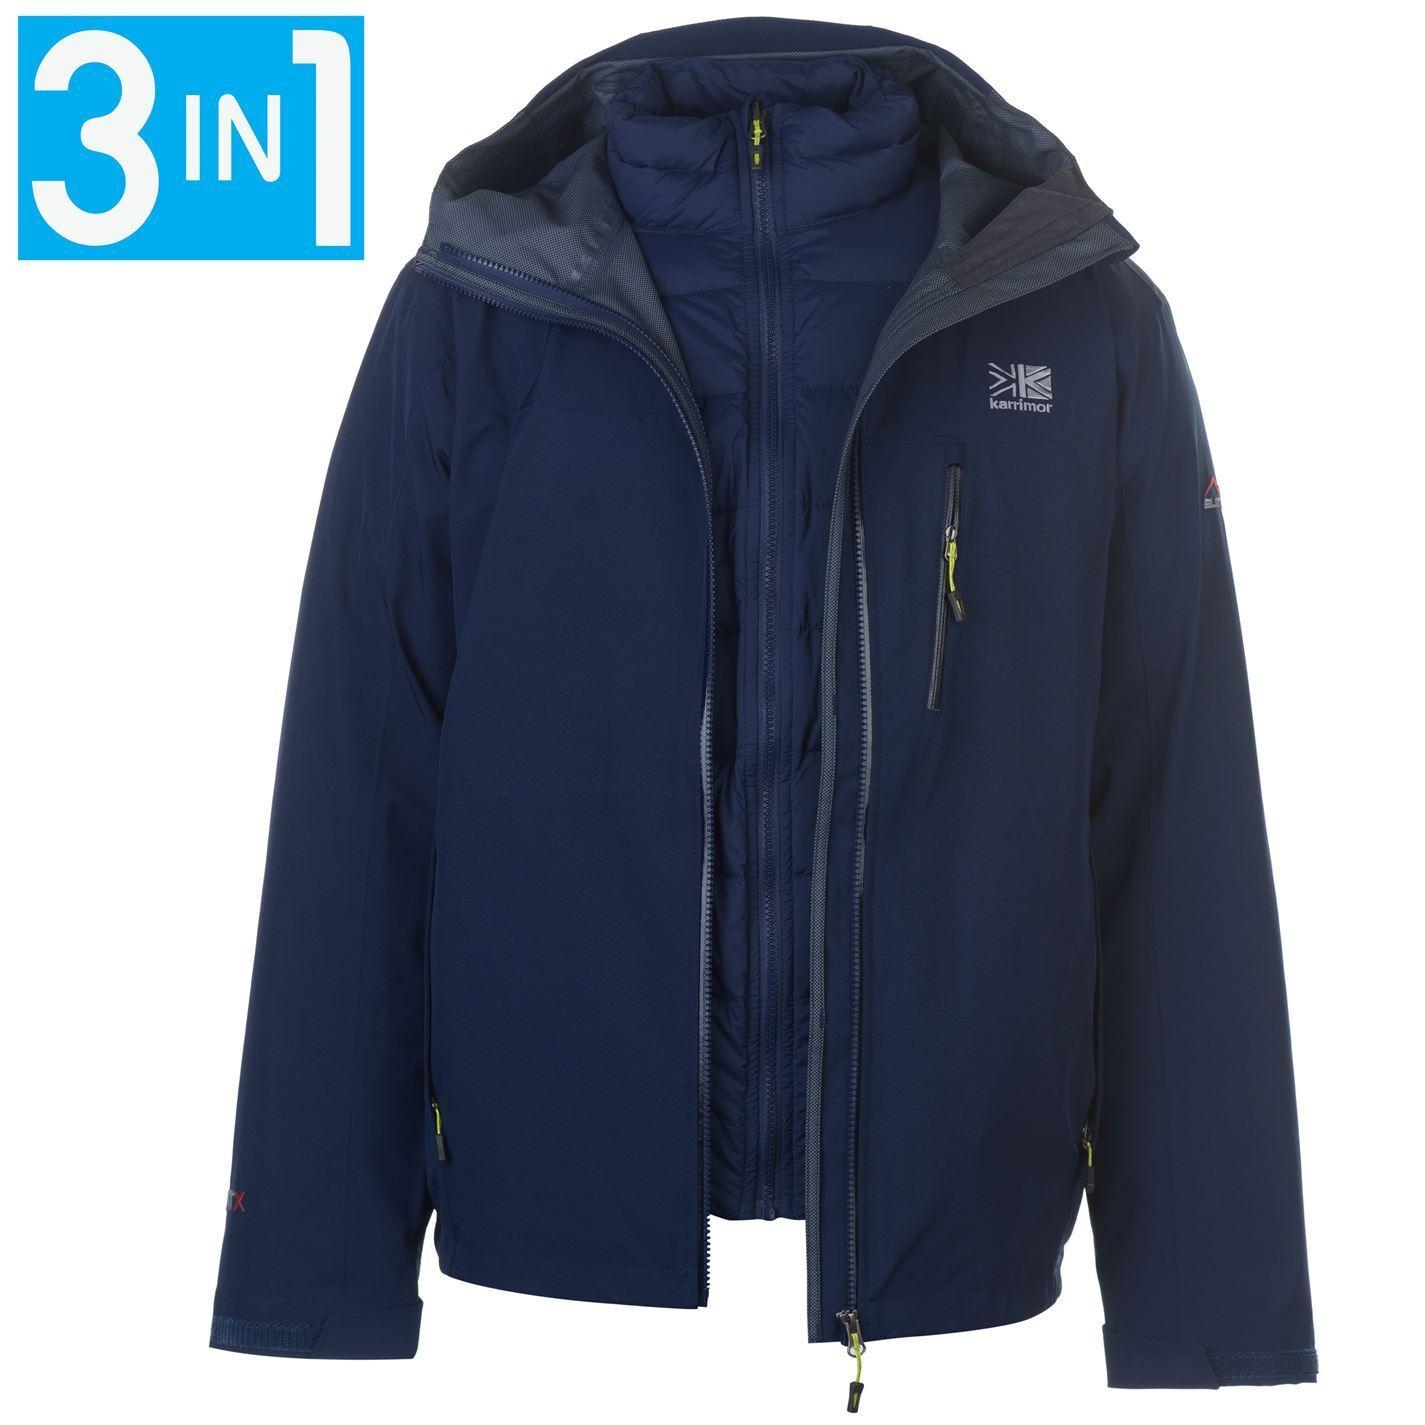 Karrimor Chaqueta  de abrigo para hombre 3in1 Merlin Top Mentonera Impermeable a prueba de viento  ventas en línea de venta